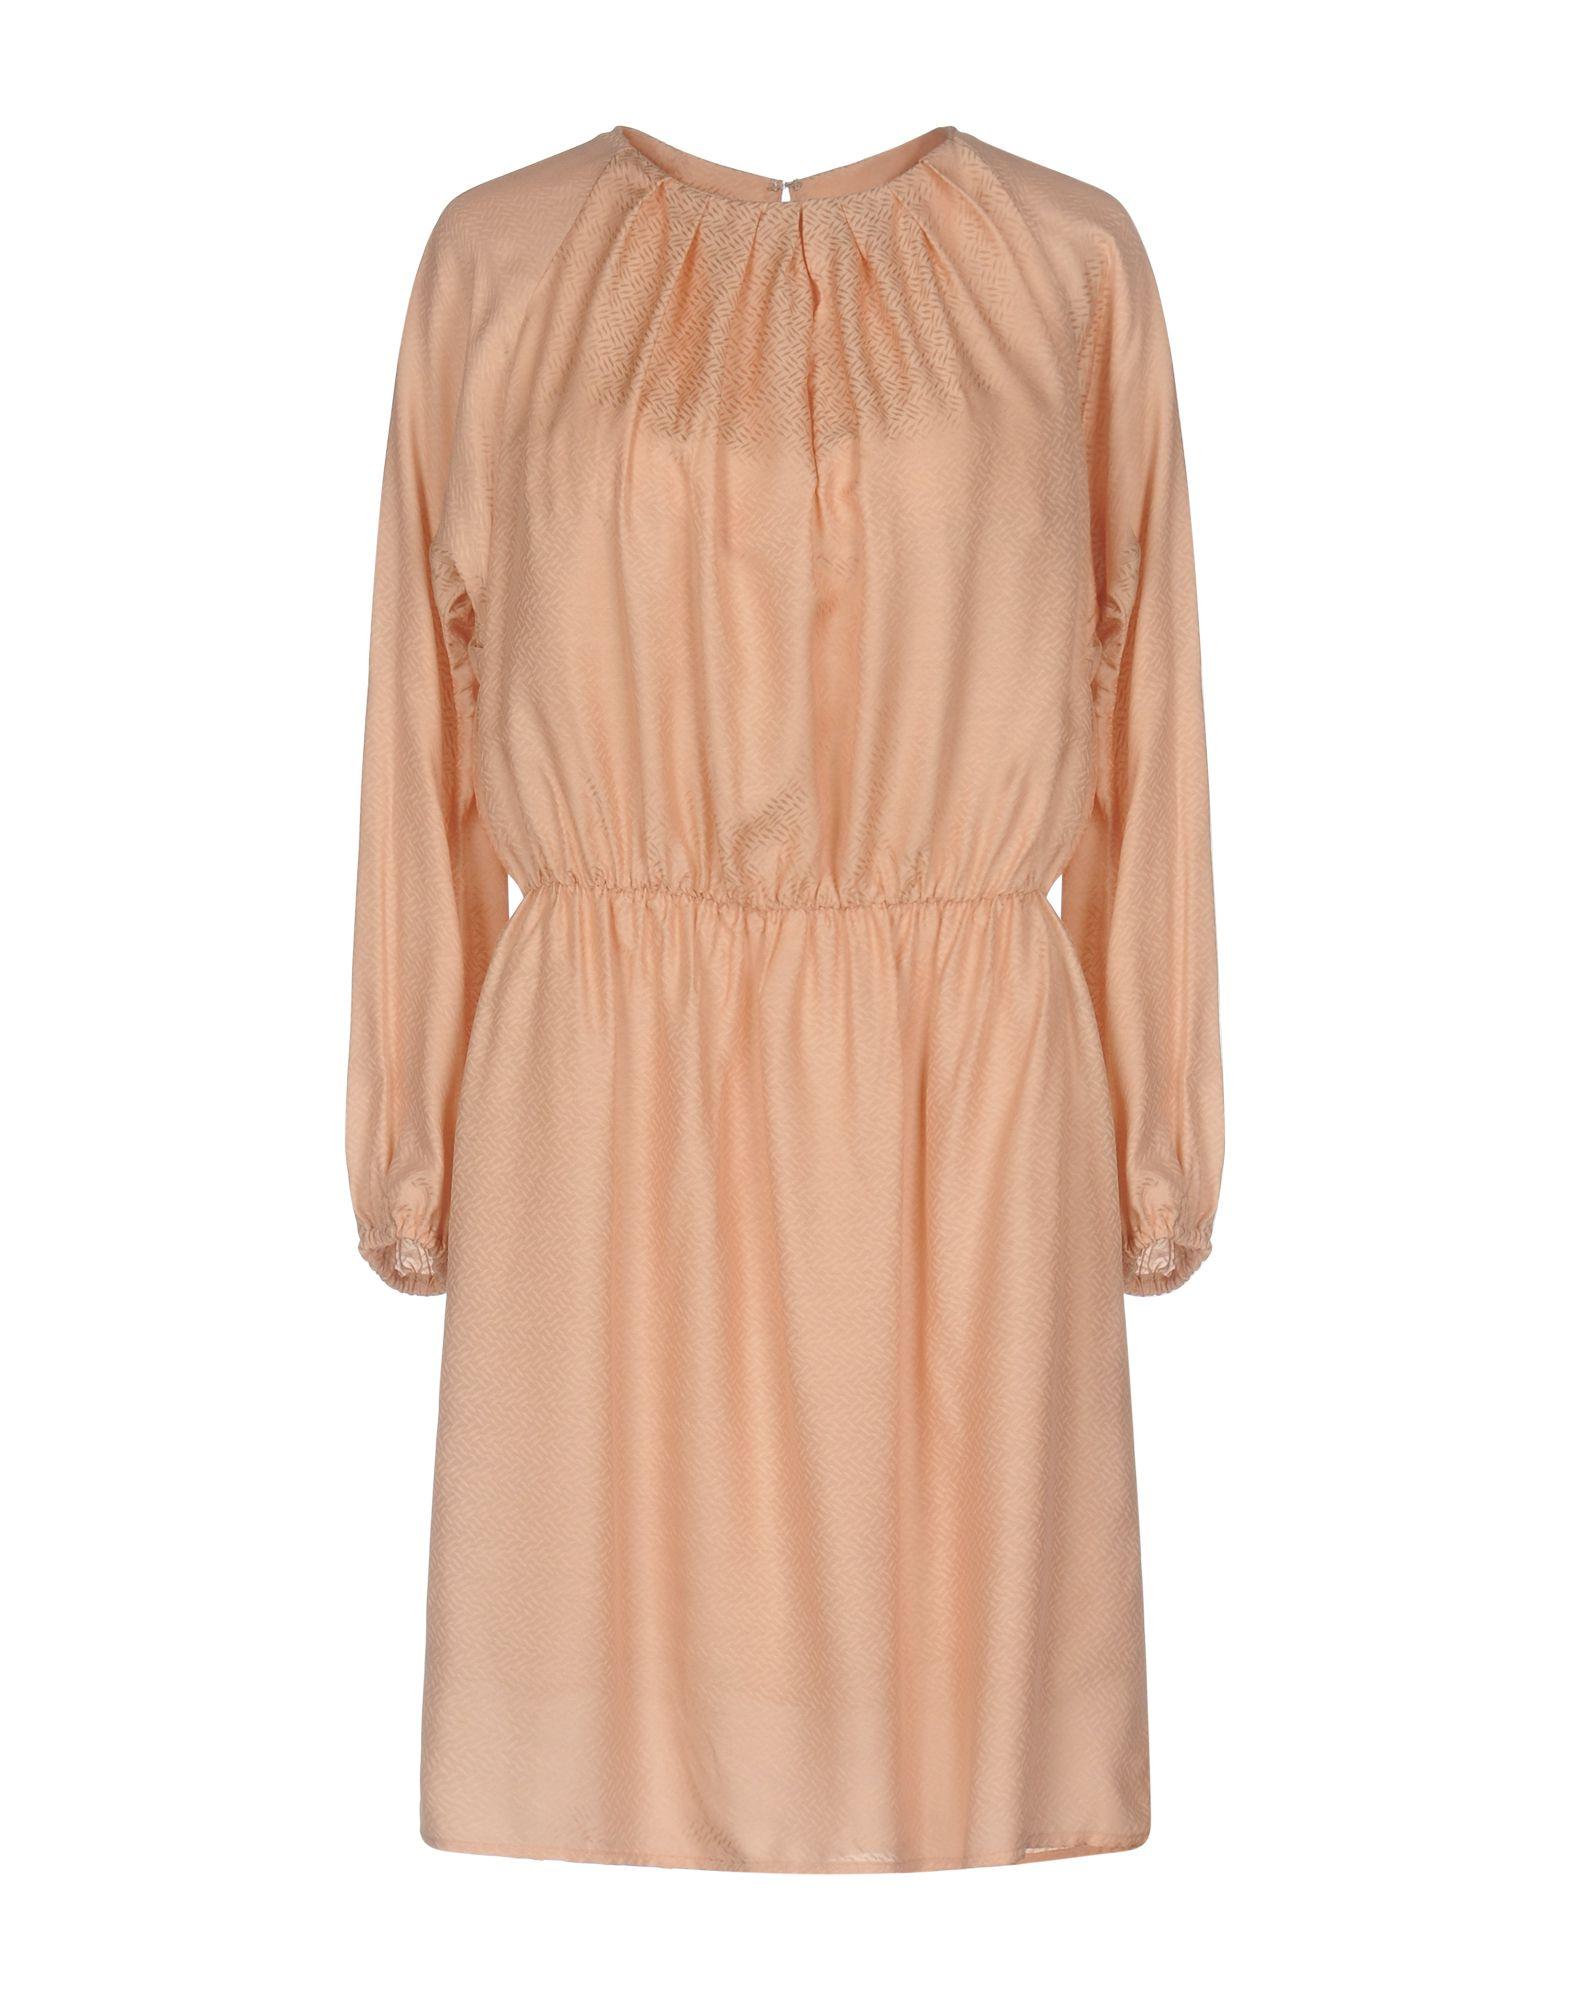 KATIA G. Damen Kurzes Kleid Farbe Rosa Größe 6 jetztbilligerkaufen